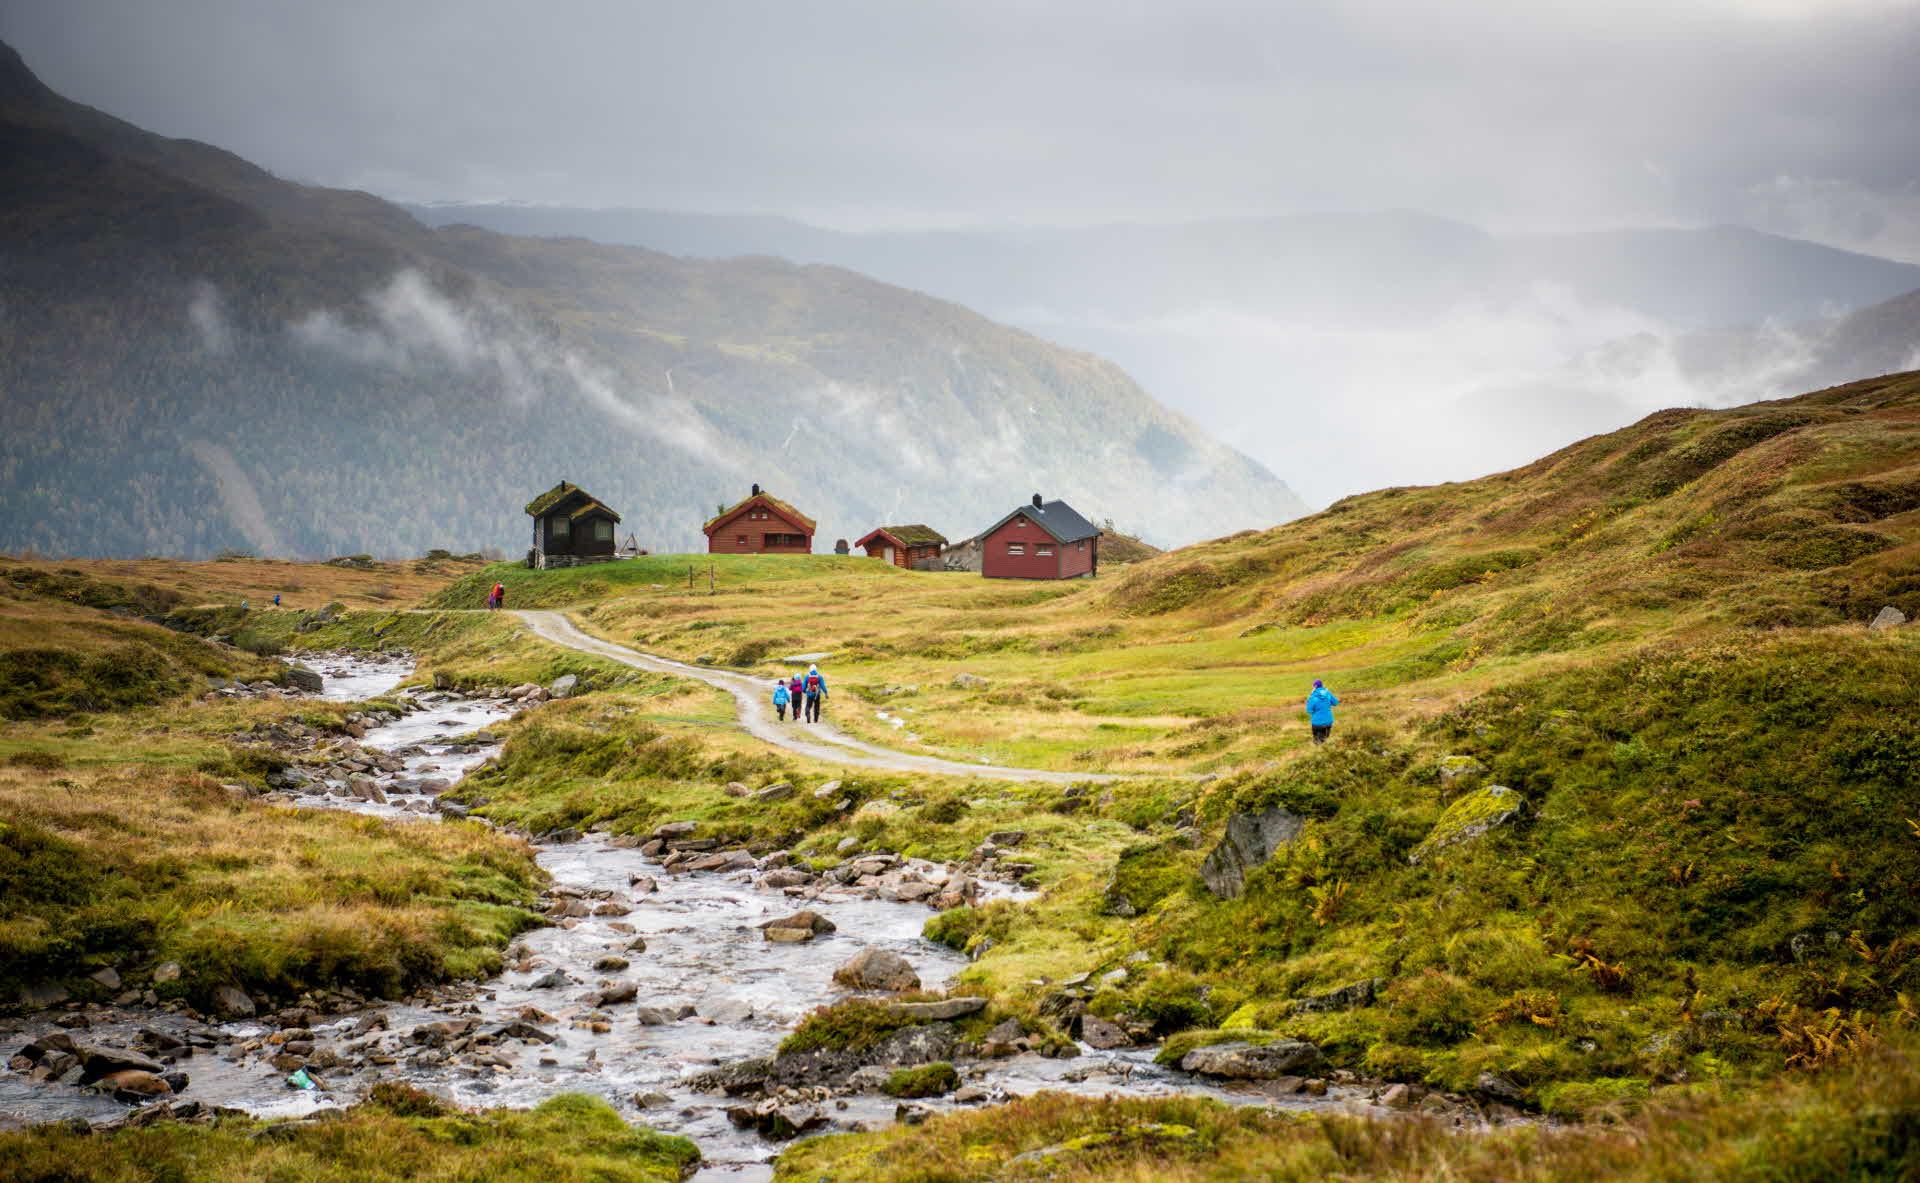 Eine Gruppe von Wanderern wandert bei Regen in Richtung Mørkvesstølen